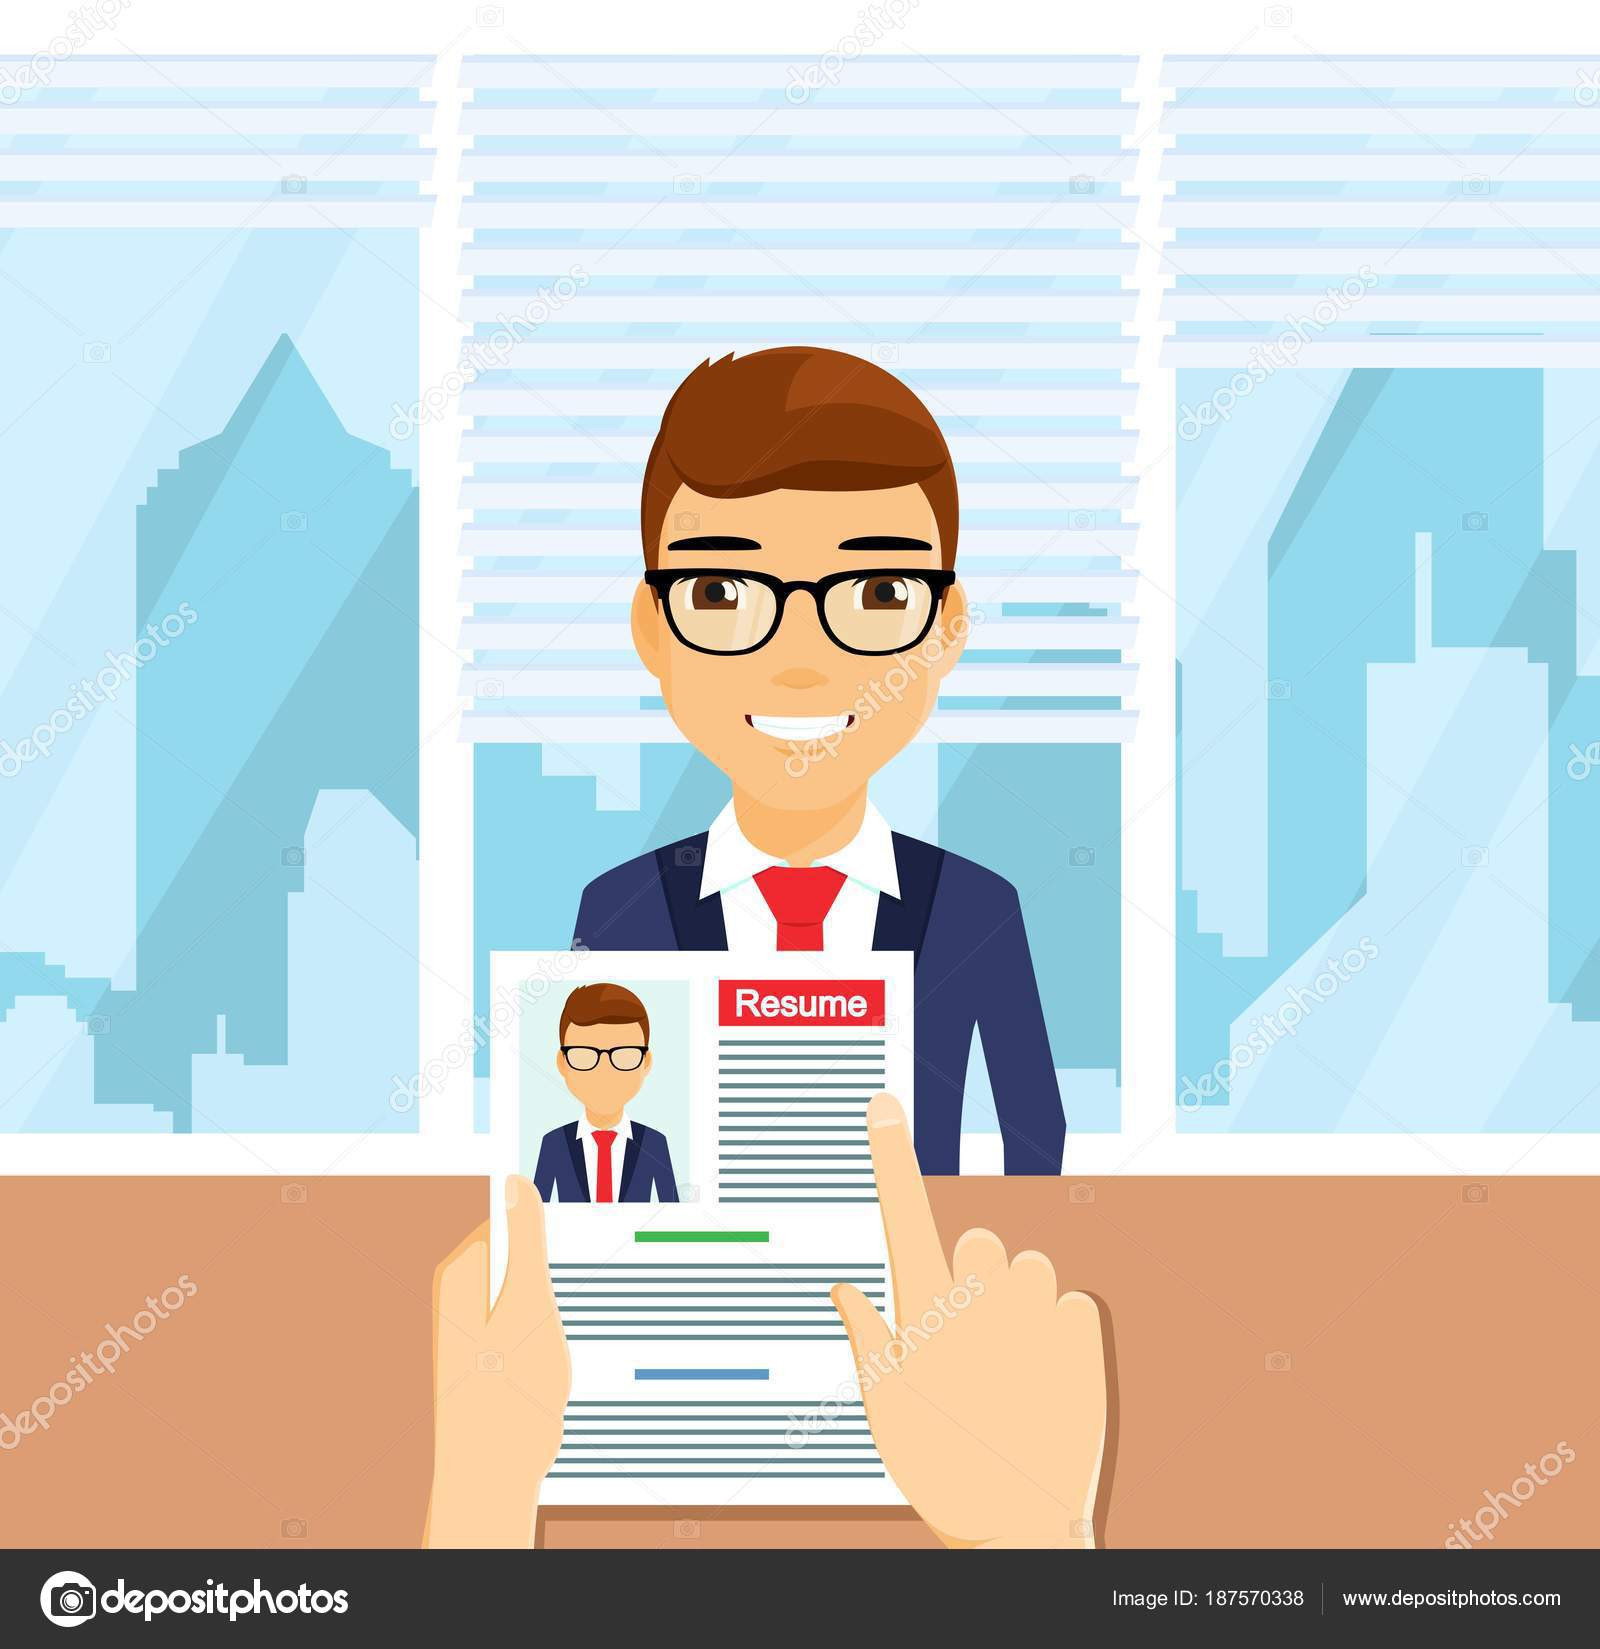 87f02a2ad52 Concepto de negocio. Un hombre joven en un traje de negocios es una  entrevista de trabajo. Búsqueda y contratación de personal. De estilo plano.